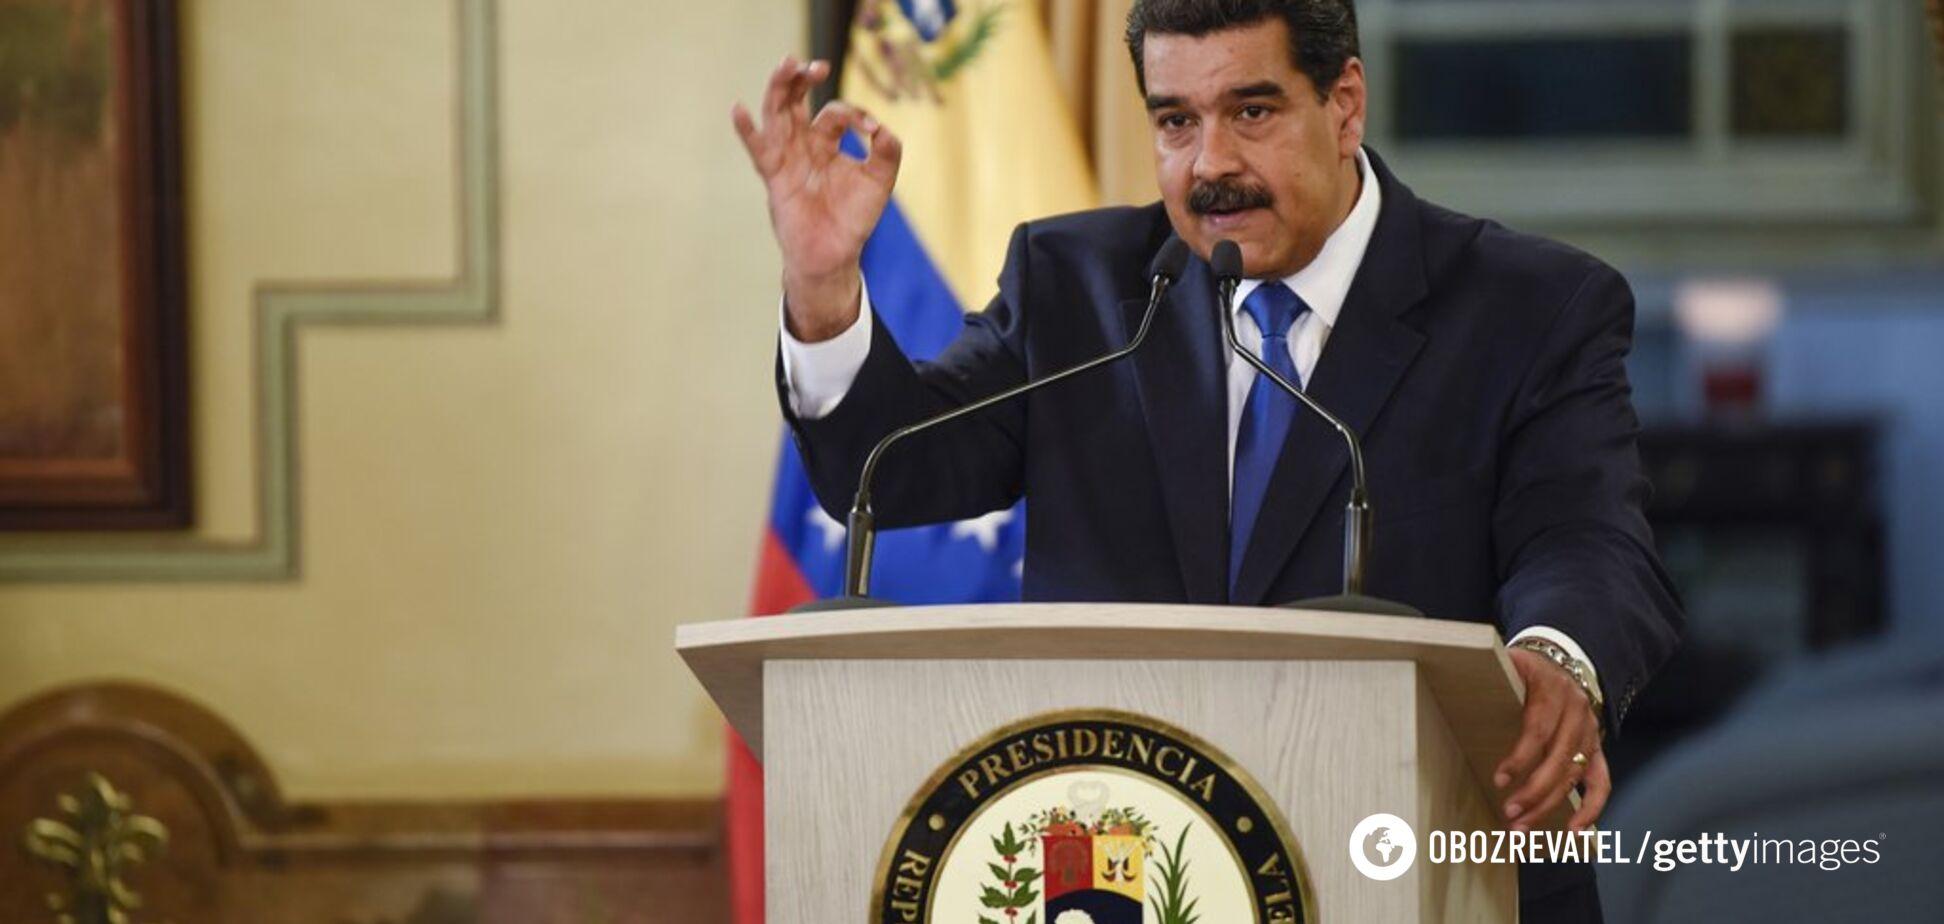 Все отравлено: Мадуро ошарашил мир обвинениями в сторону США